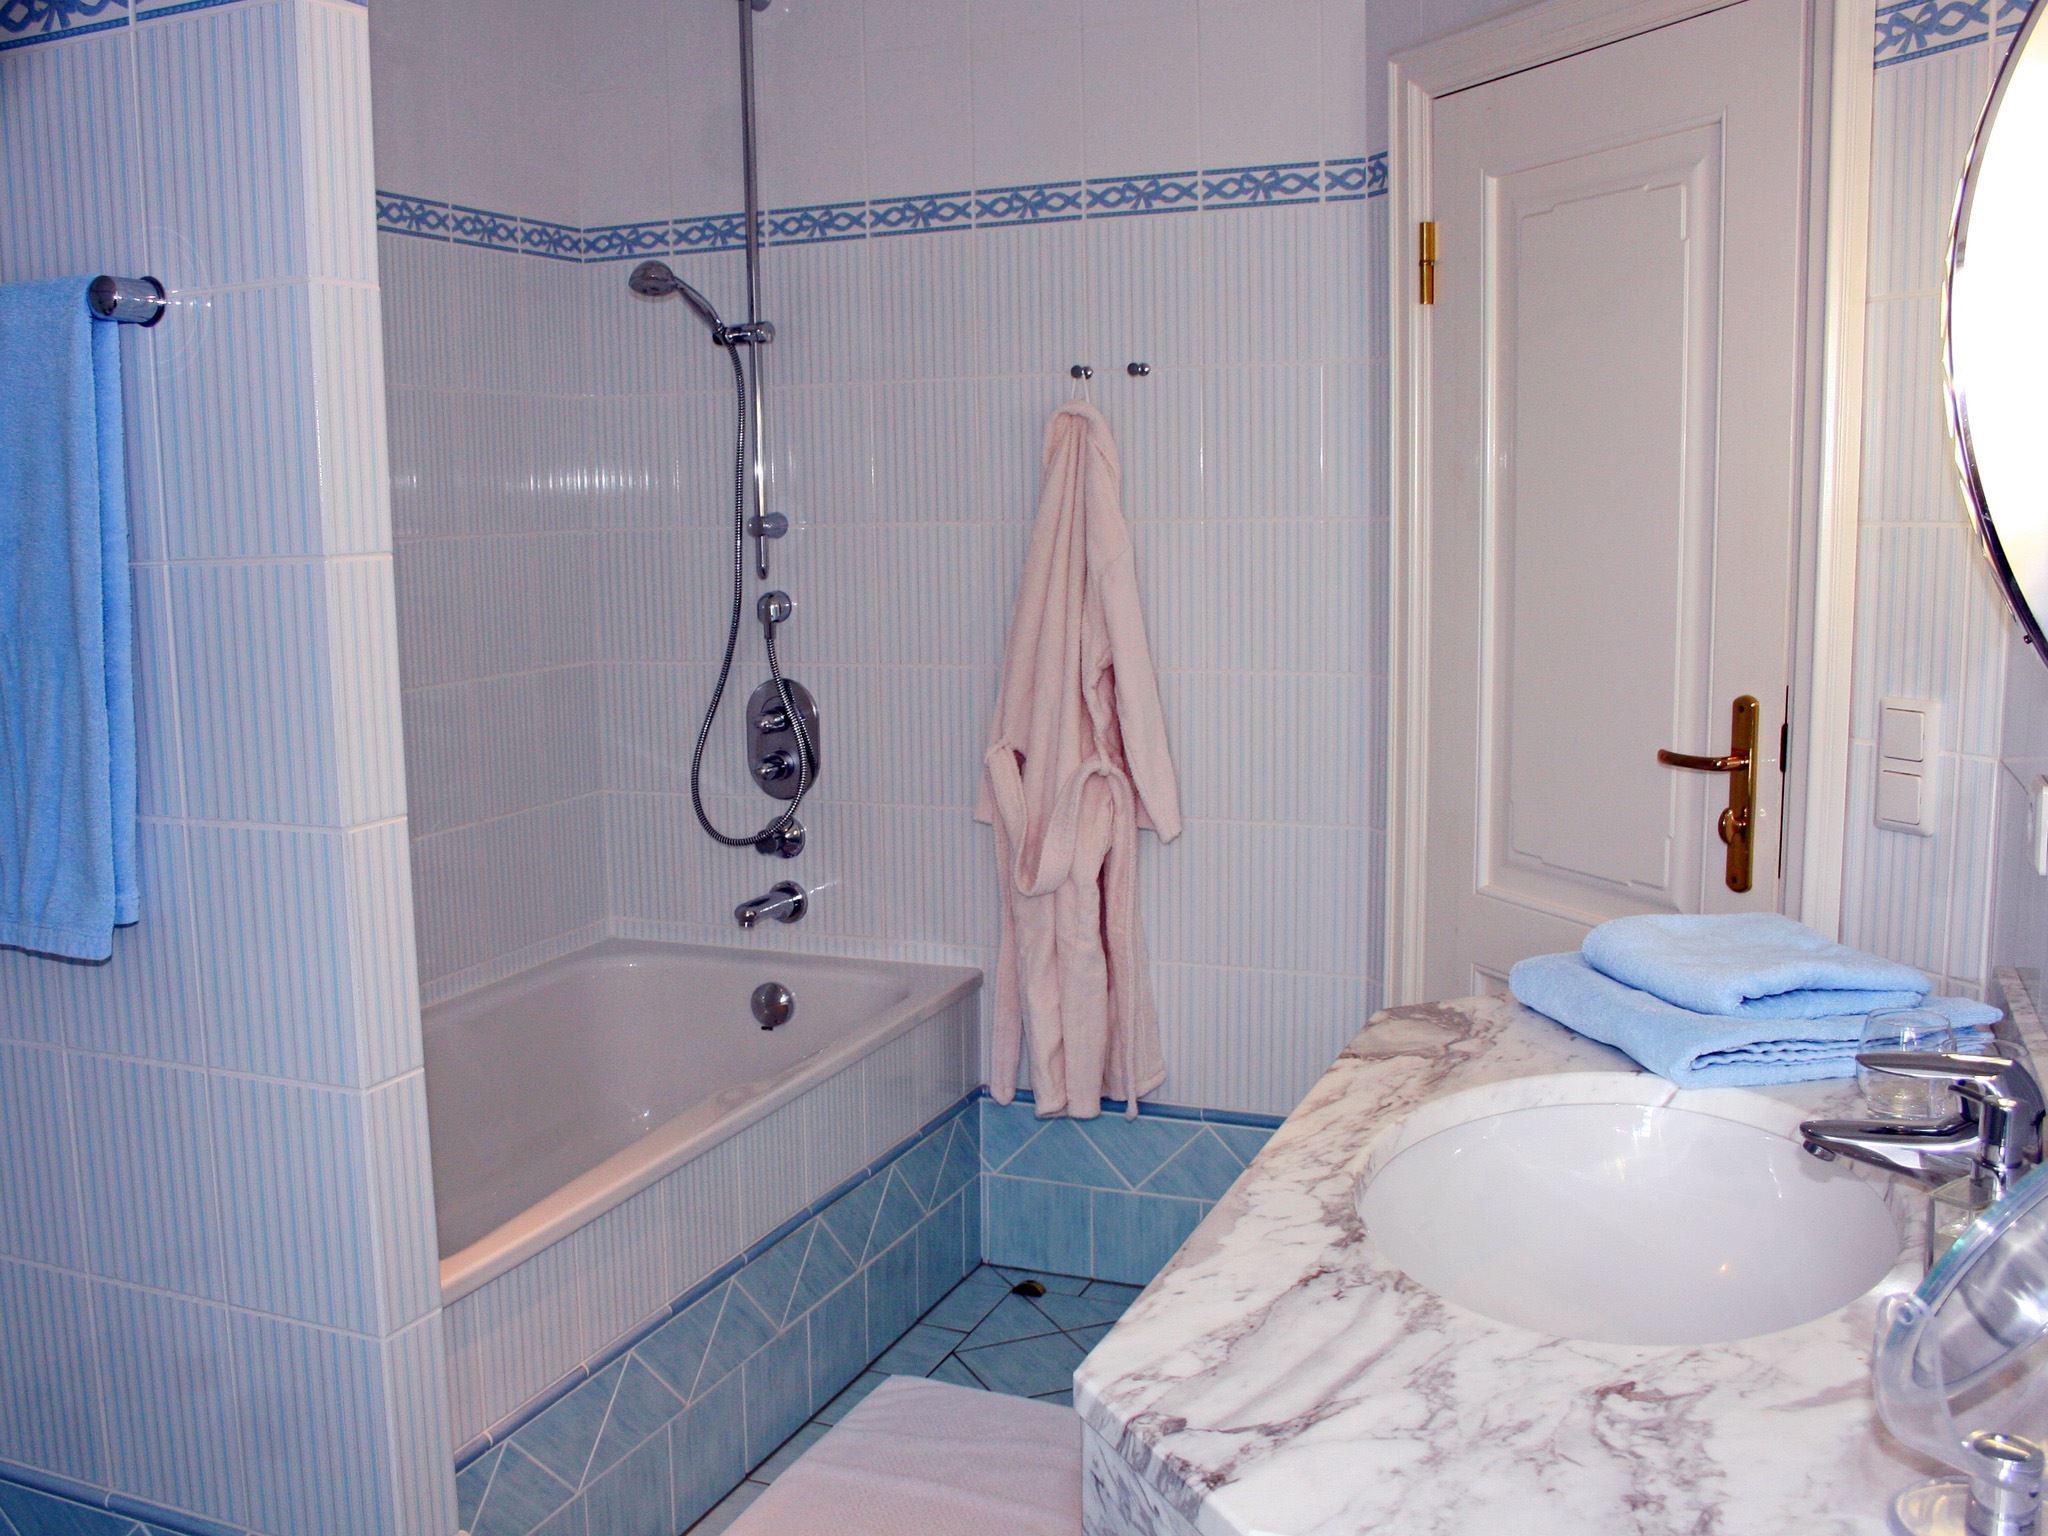 exklusive, strandnahe Ferienwohnung mit 5 DTV Sternen und Sauna/Fittnessraum,Kinderspielplatz Nr. 6a - Wannenbad